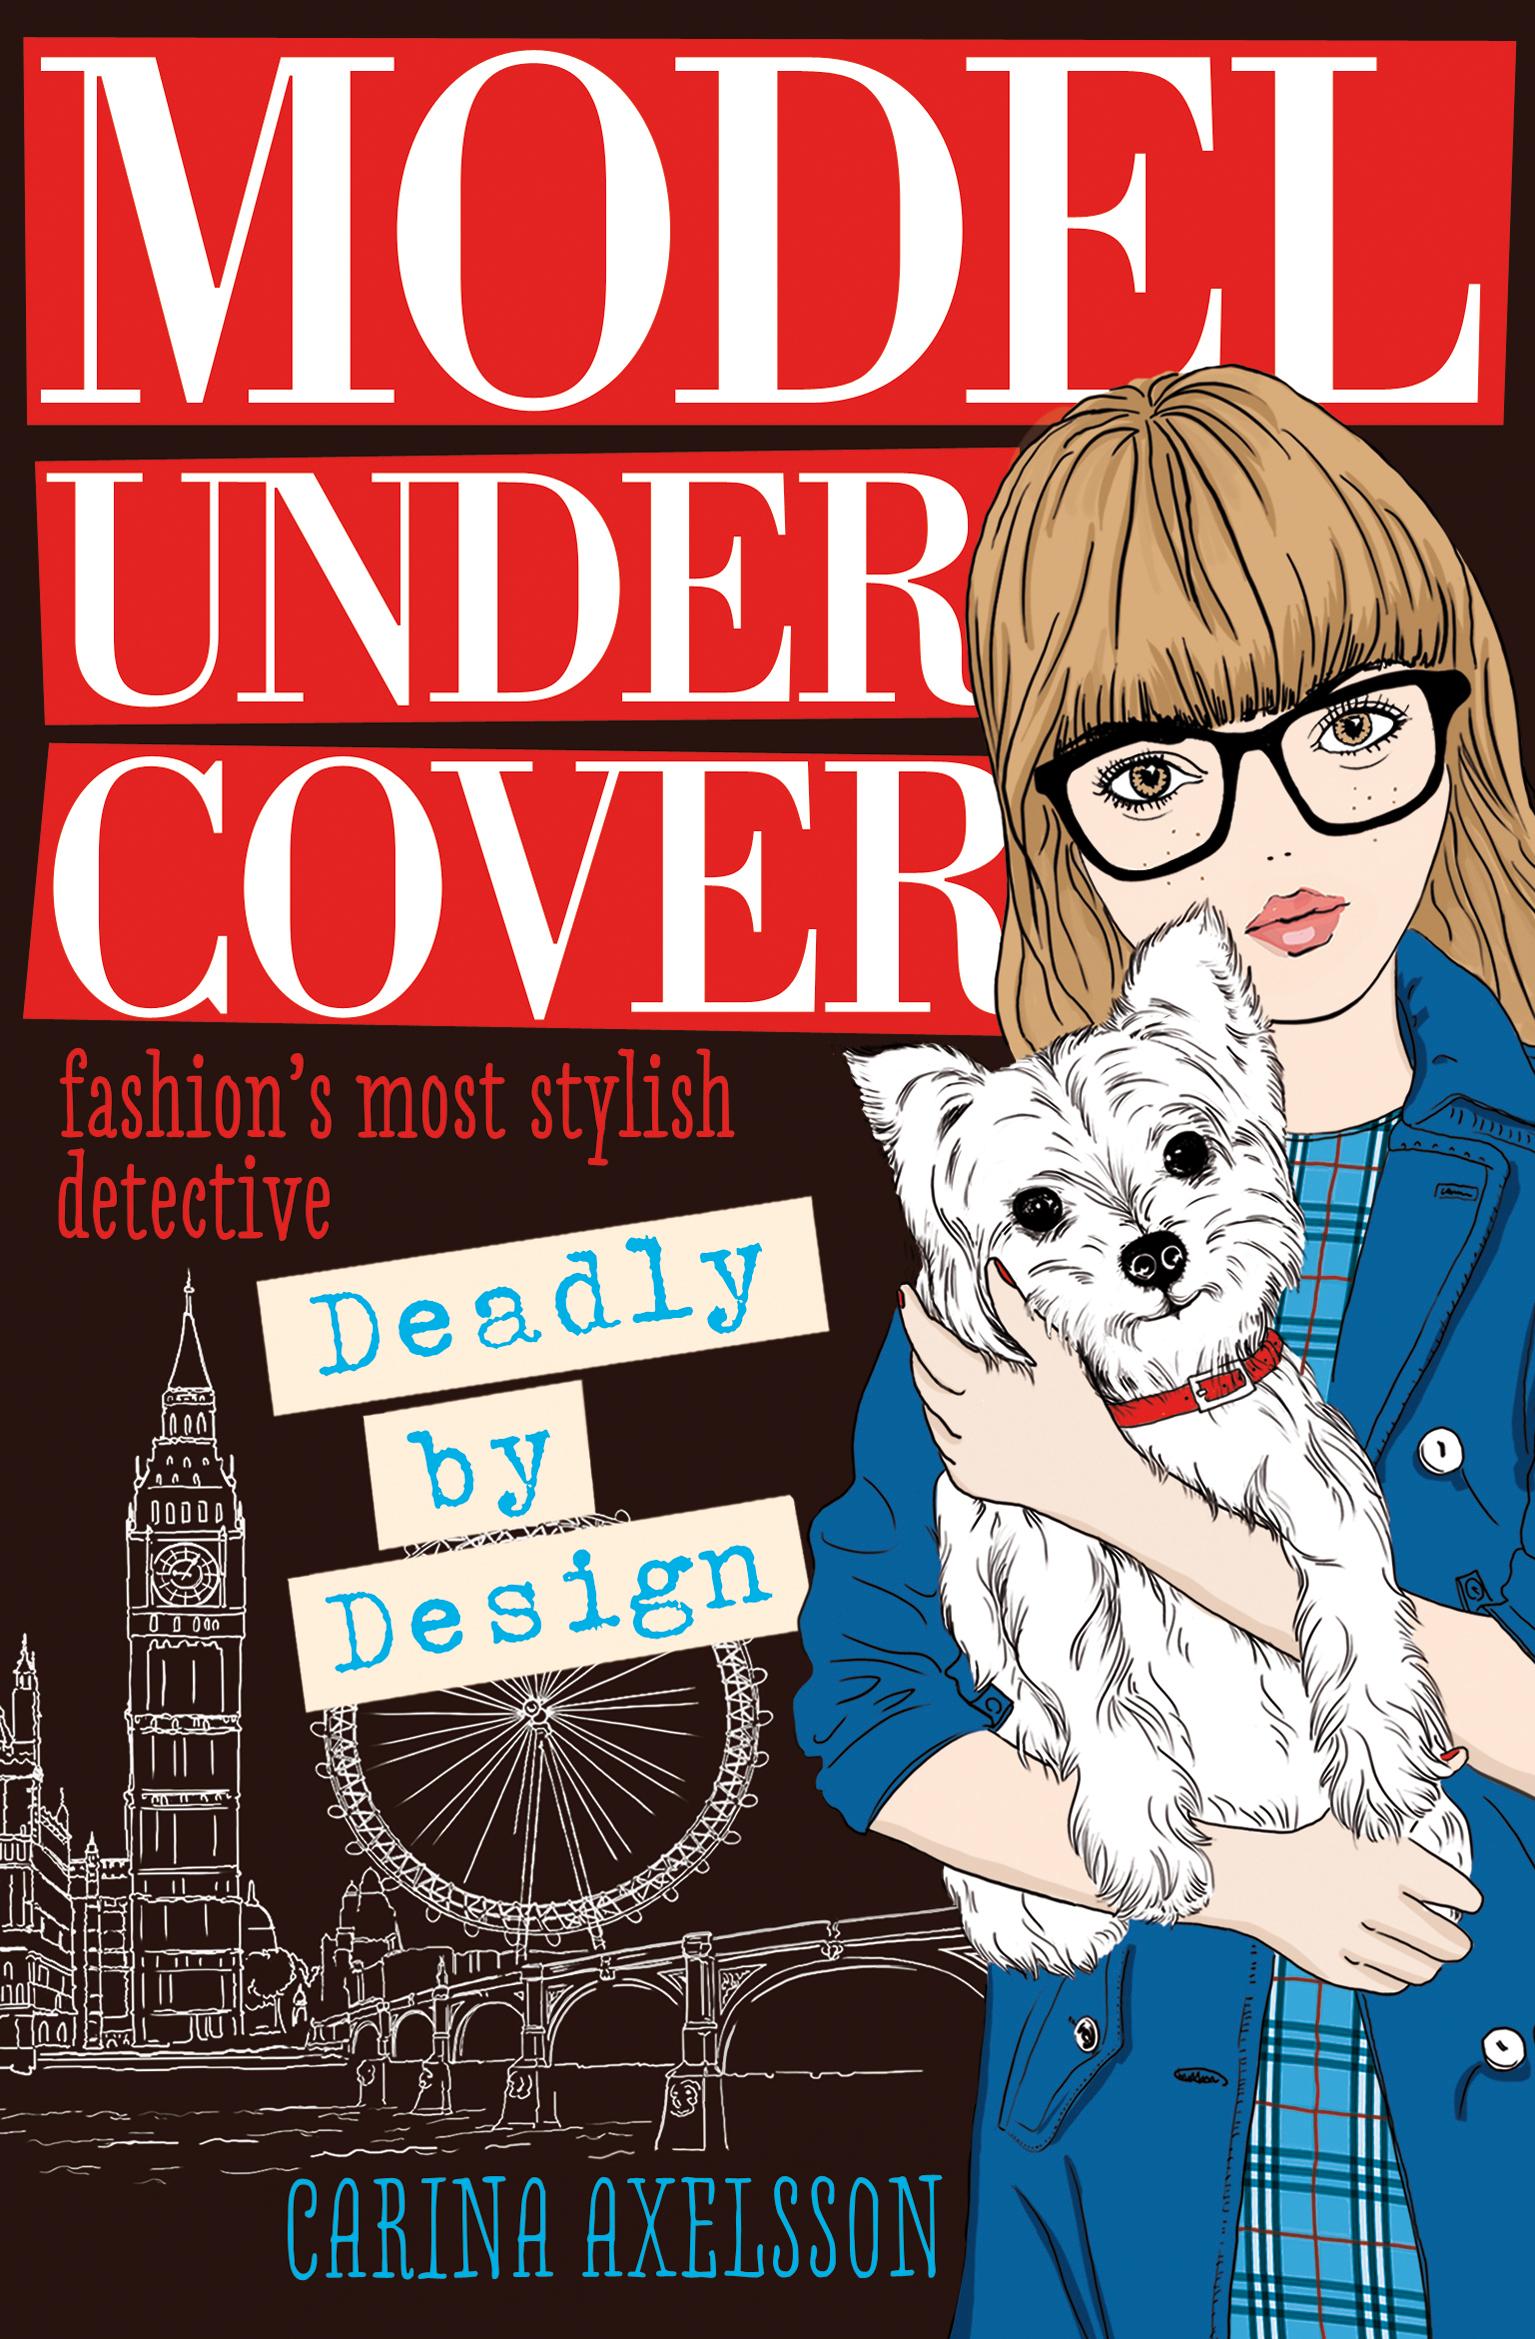 Models Under 21: Model Under Cover: Deadly By Design